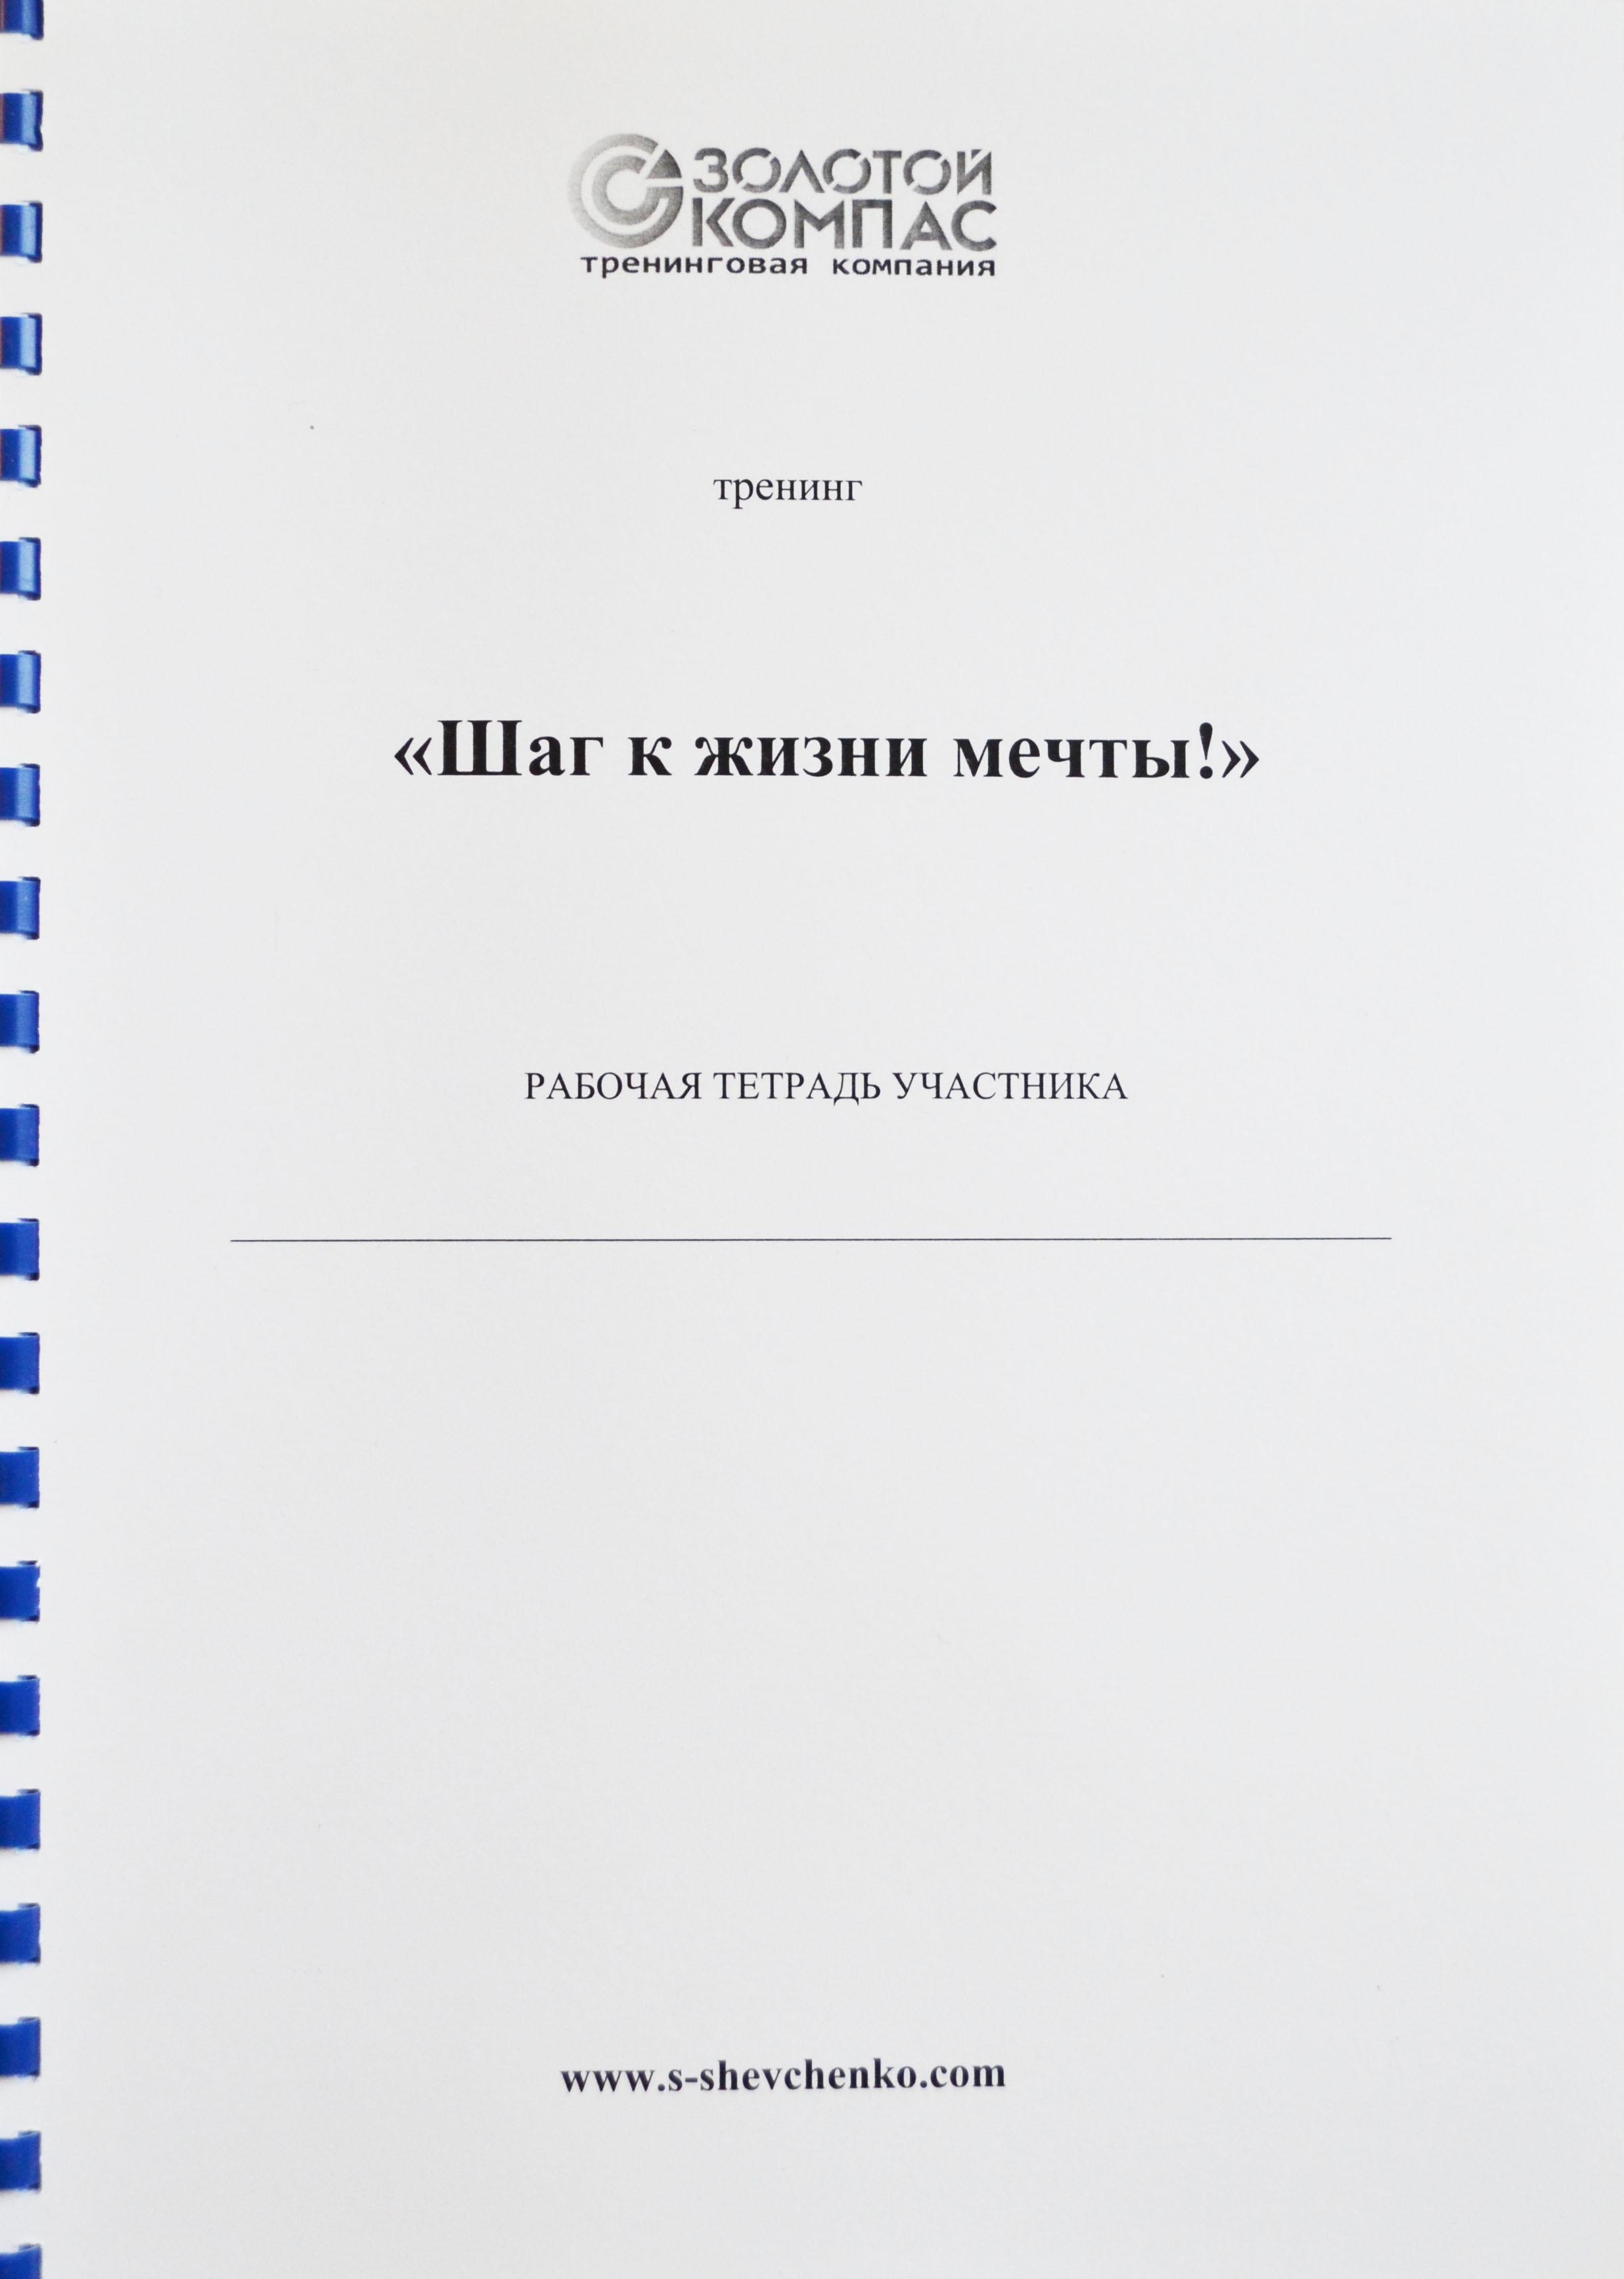 tetradj